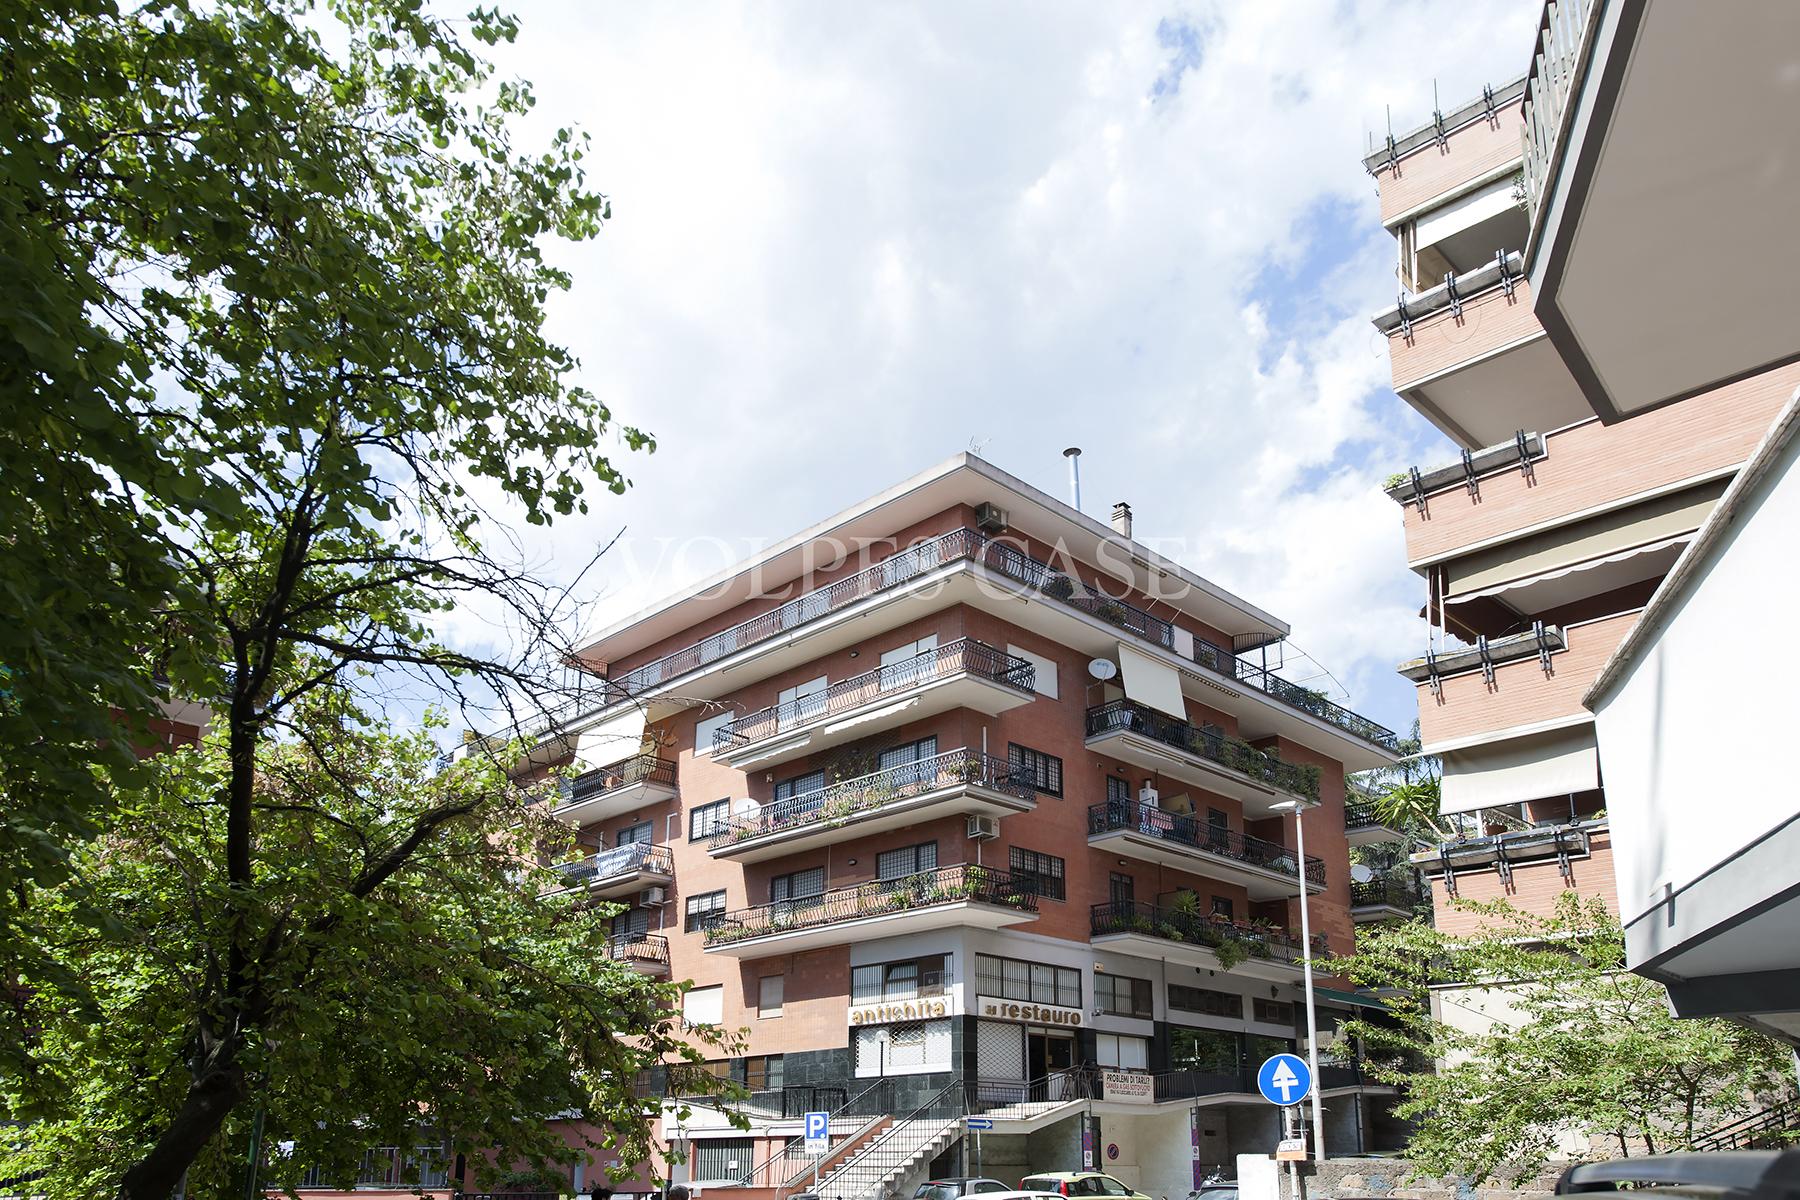 Attico / Mansarda in vendita a Roma, 3 locali, zona Zona: 32 - Fleming, Vignaclara, Ponte Milvio, prezzo € 240.000 | CambioCasa.it